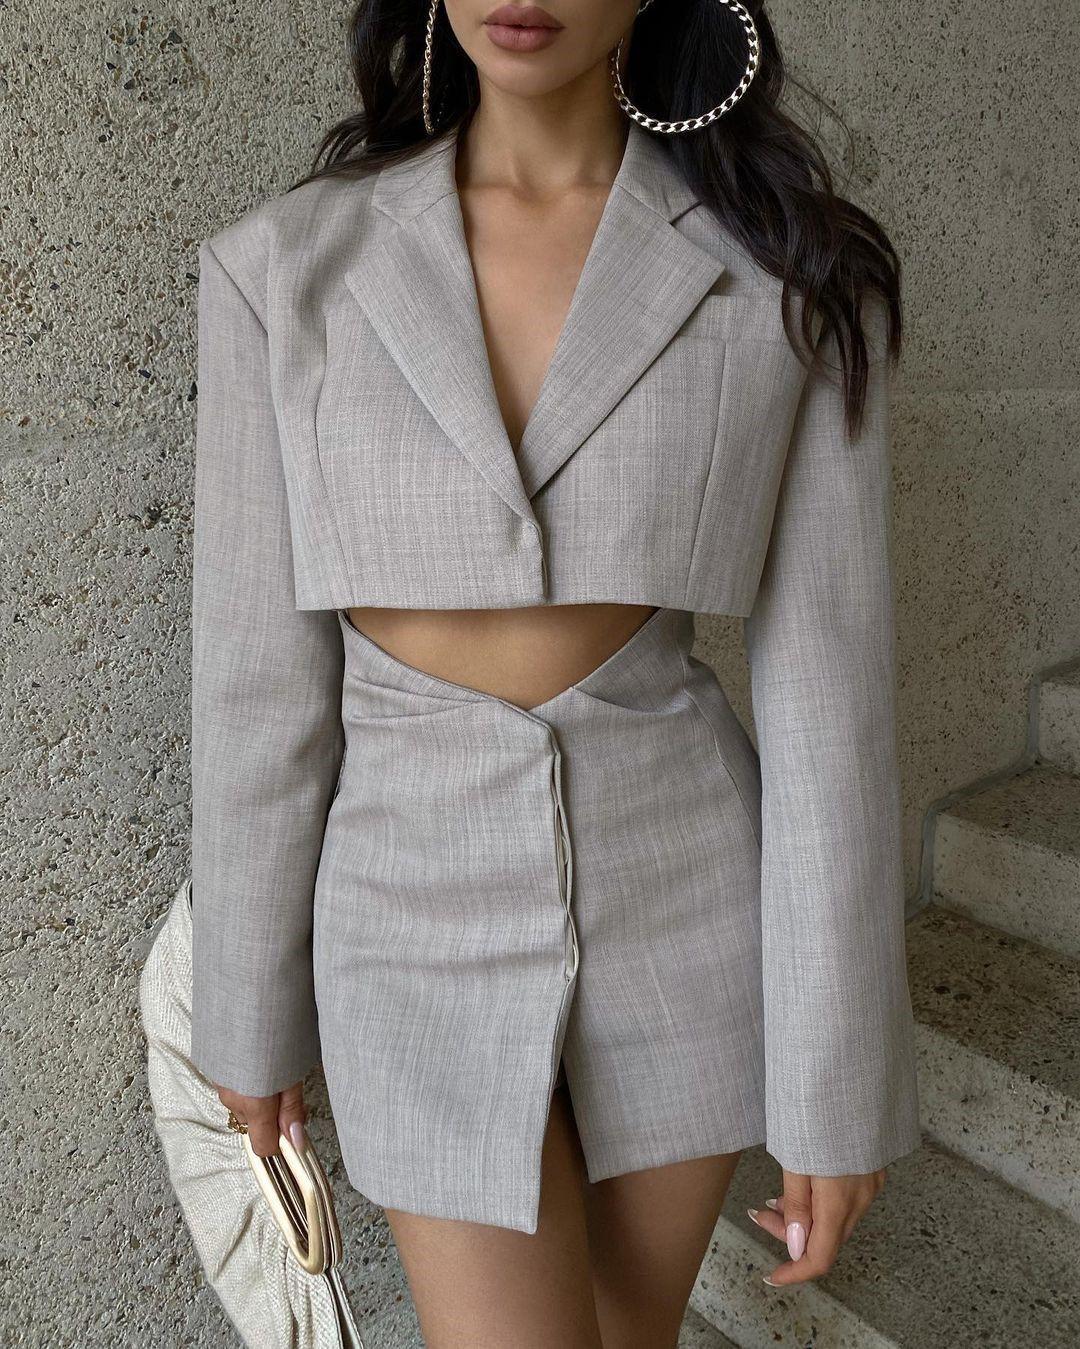 Модные пиджаки 2021, которые должны быть в гардеробе каждой женщины этой осенью